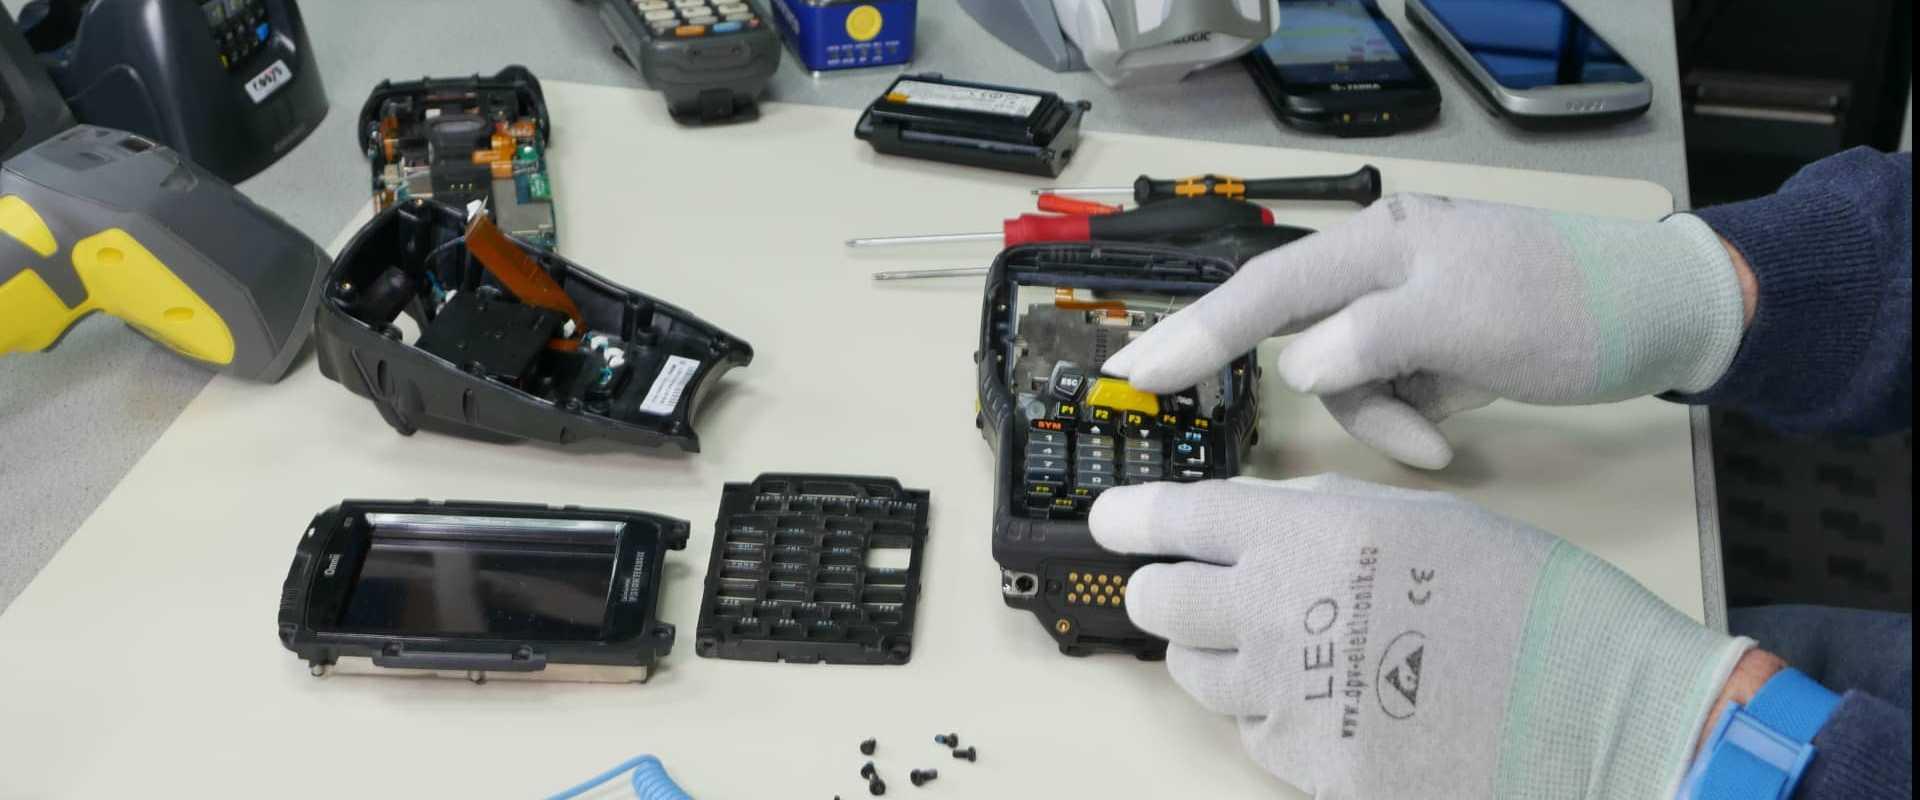 COSYS Hardware Service kümmert sich um Ihre Geräte